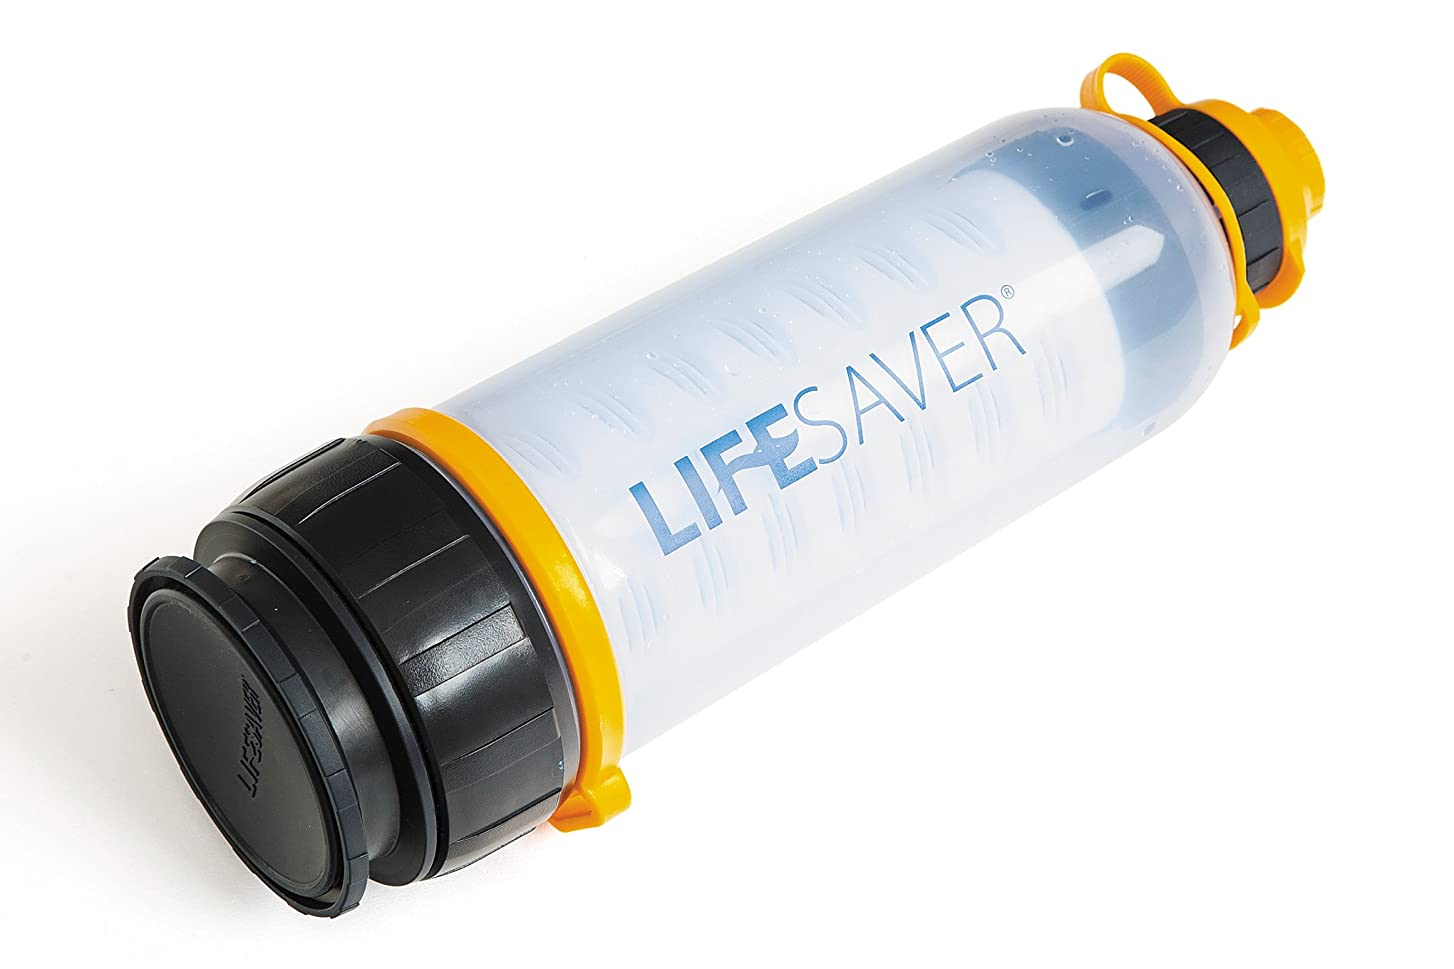 壊れたシャンパン女優LifeSaver Bottle アウトドア/緊急用 携帯浄水器 99.9999%細菌除去 4000L 1分2L 英陸軍仕様 日本語取説